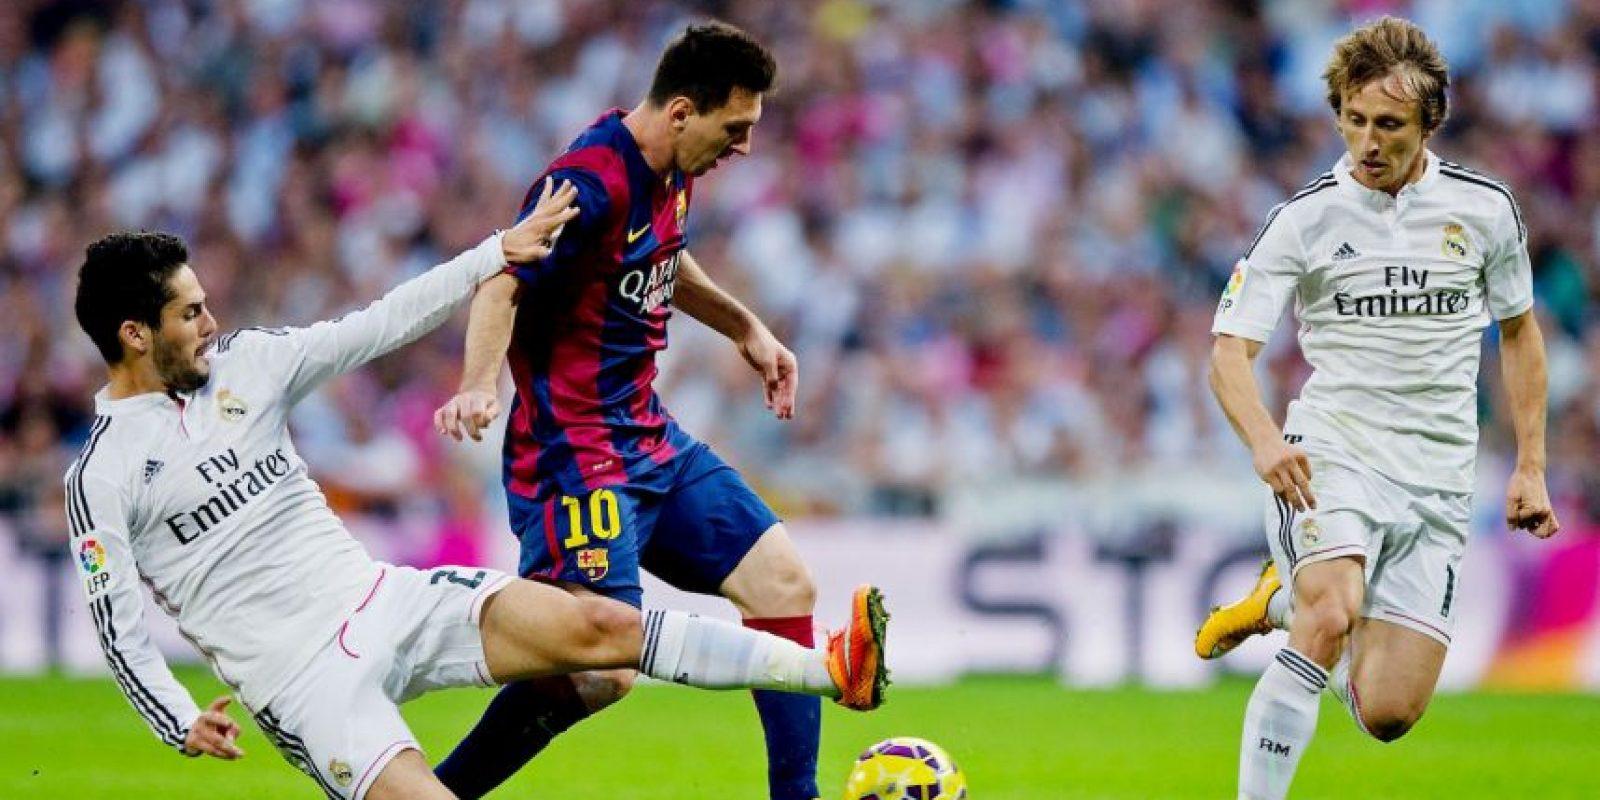 Máximo goleador histórico en la Liga de Campeones, igualado con Raúl, con 71 goles. El argentino lo ha conseguido en 90 partidos, mientras que el exmadridista los logró en 142 partidos. Foto:Getty Images